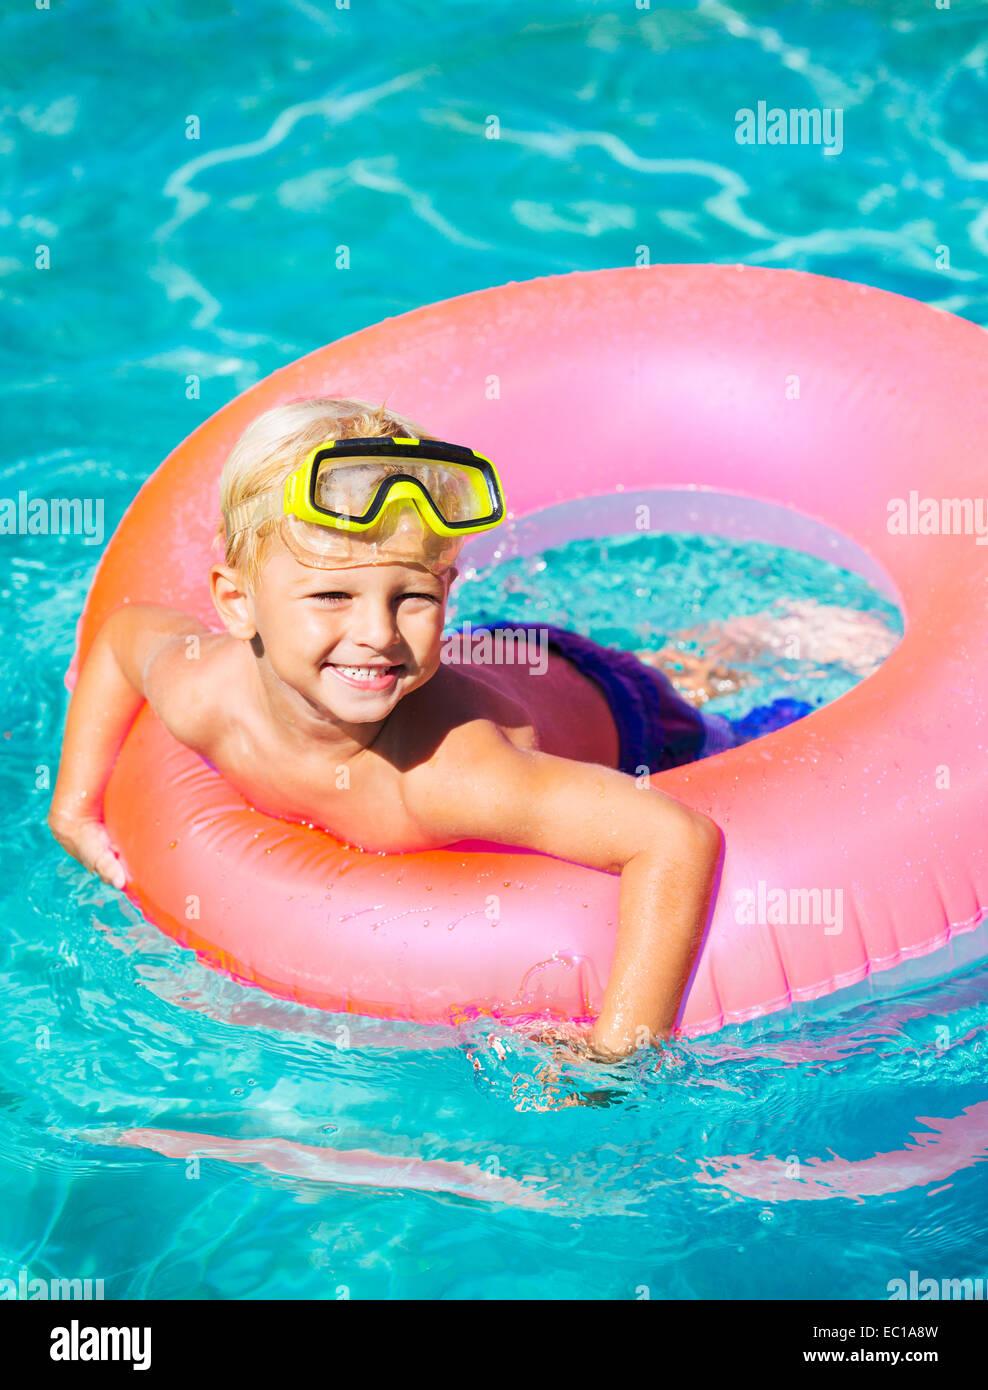 Swim immagini swim fotos stock alamy for Cuscini galleggianti piscina